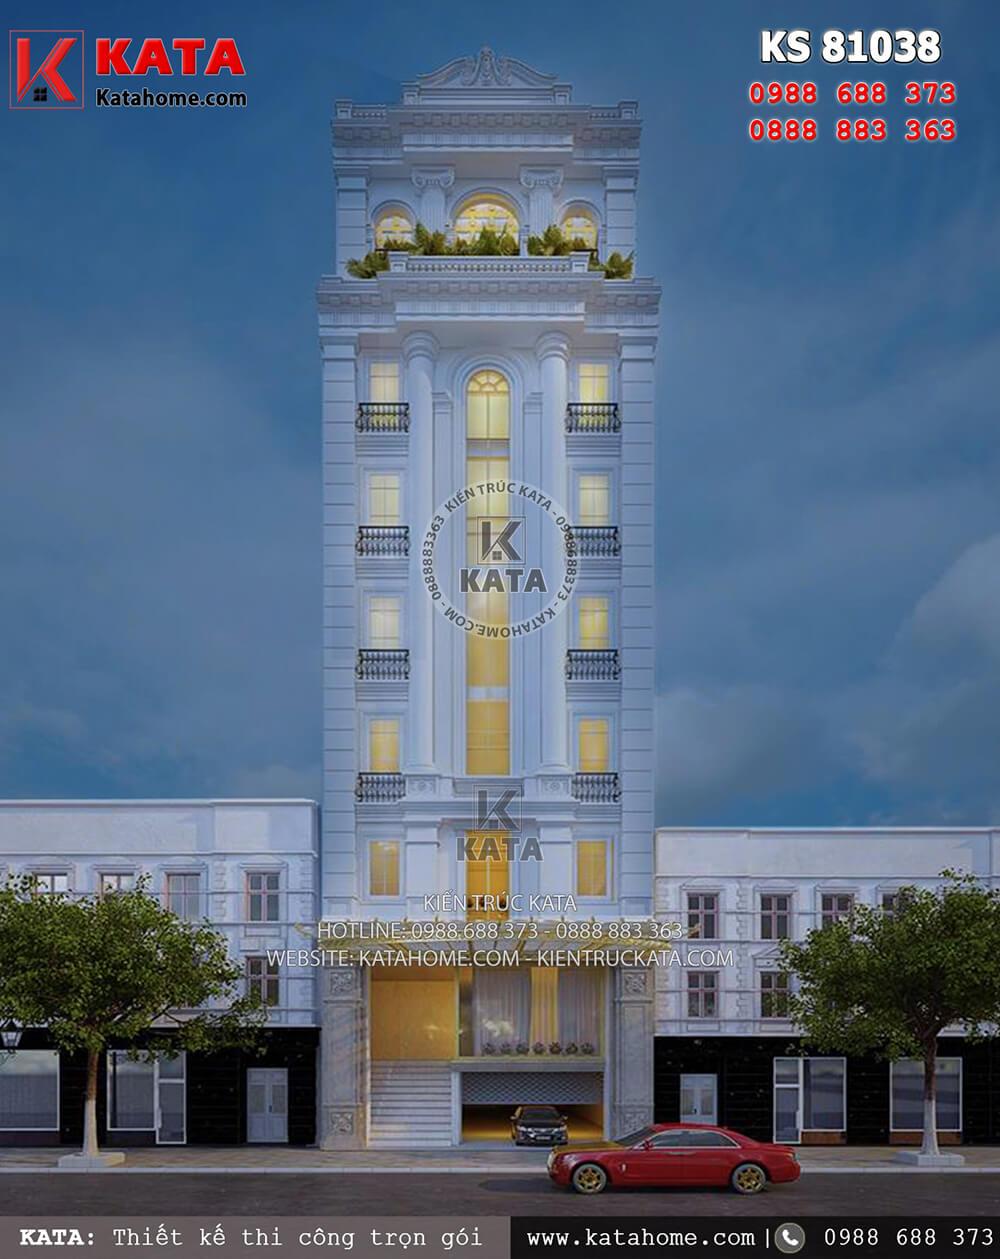 Mẫu khách sạn 3 sao đẹp 7 tầng tại Quảng Ninh - Mã số: KS 81038